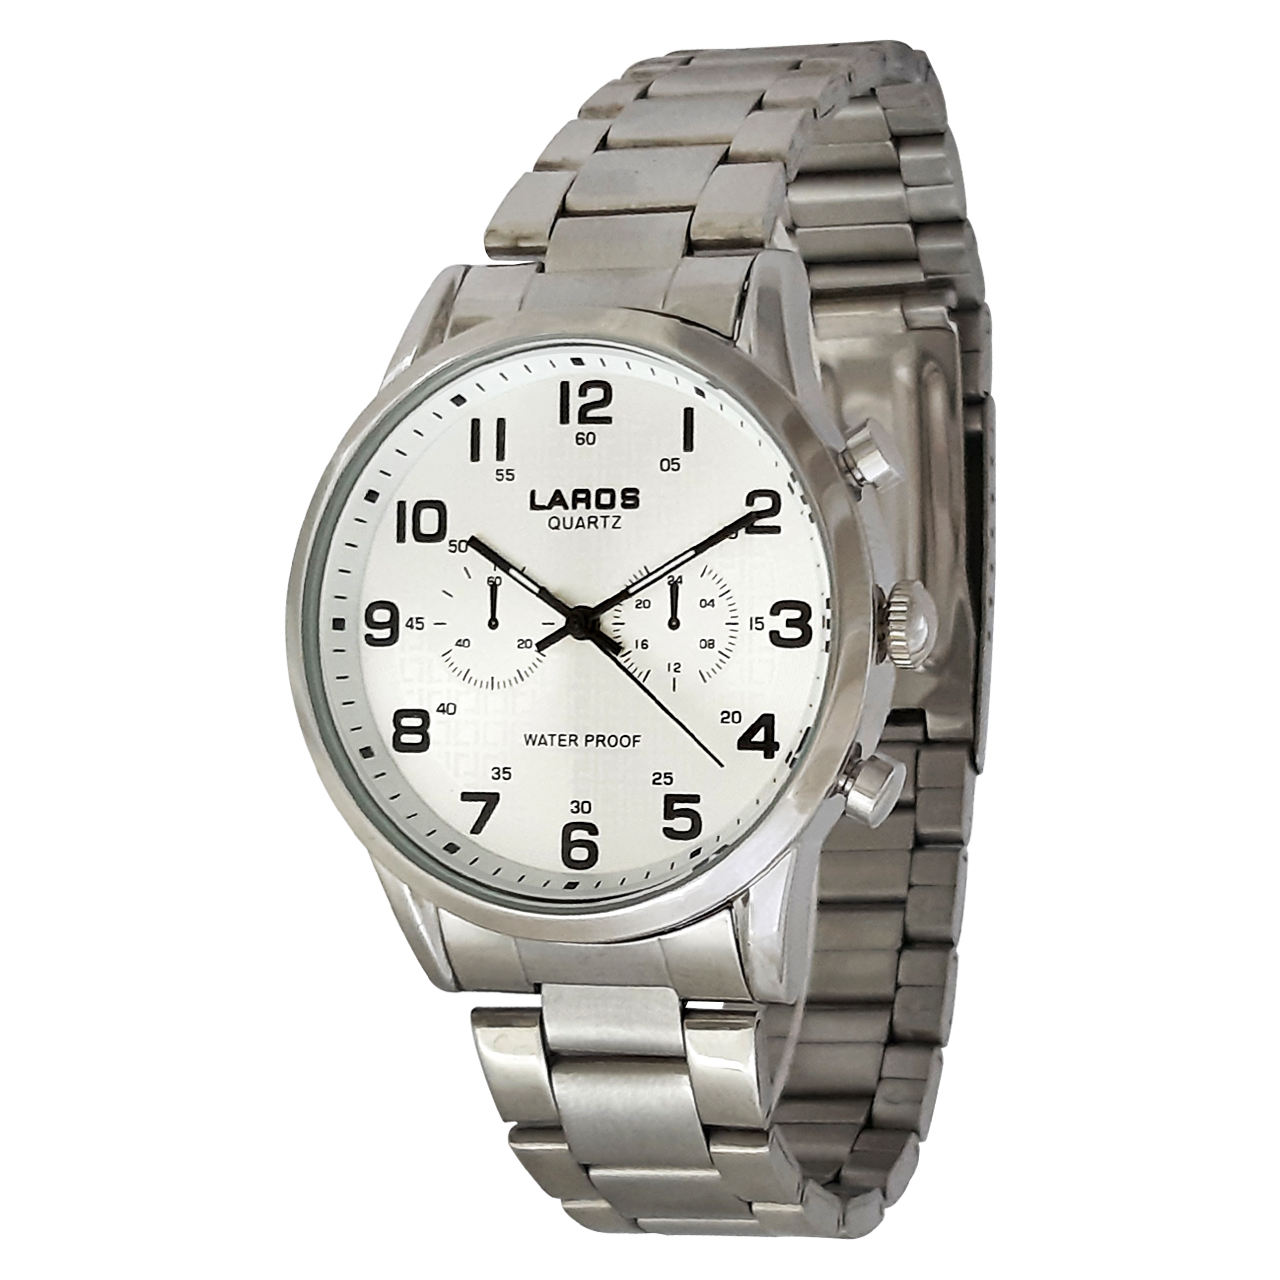 ساعت مچی عقربه ای مردانه لاروس مدل0917-80095 به همراه دستمال مخصوص برند کلین واچ 17